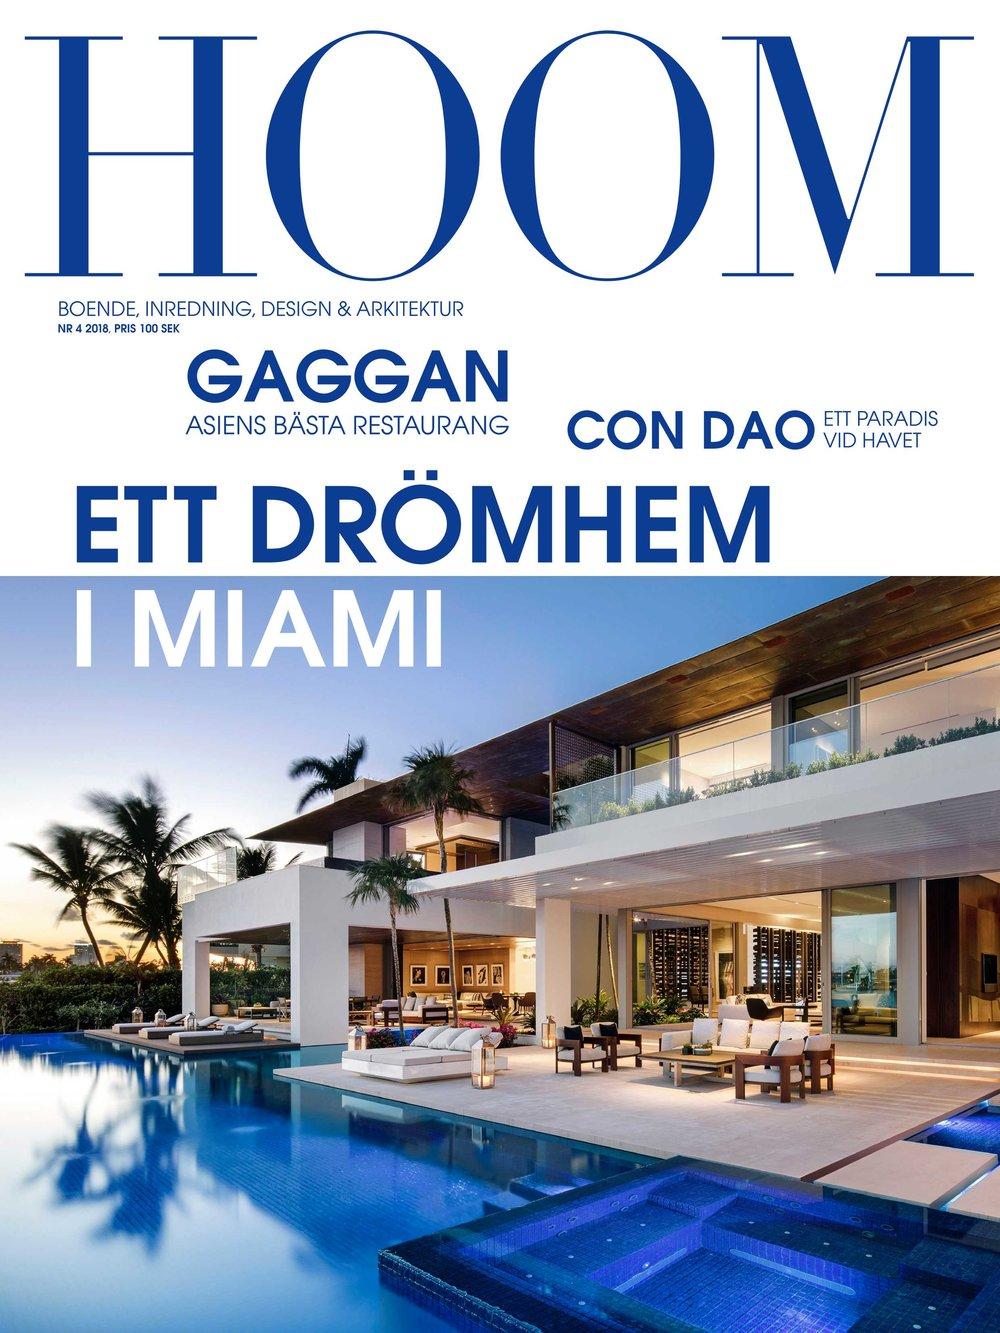 Dilido, Miami in HOOM